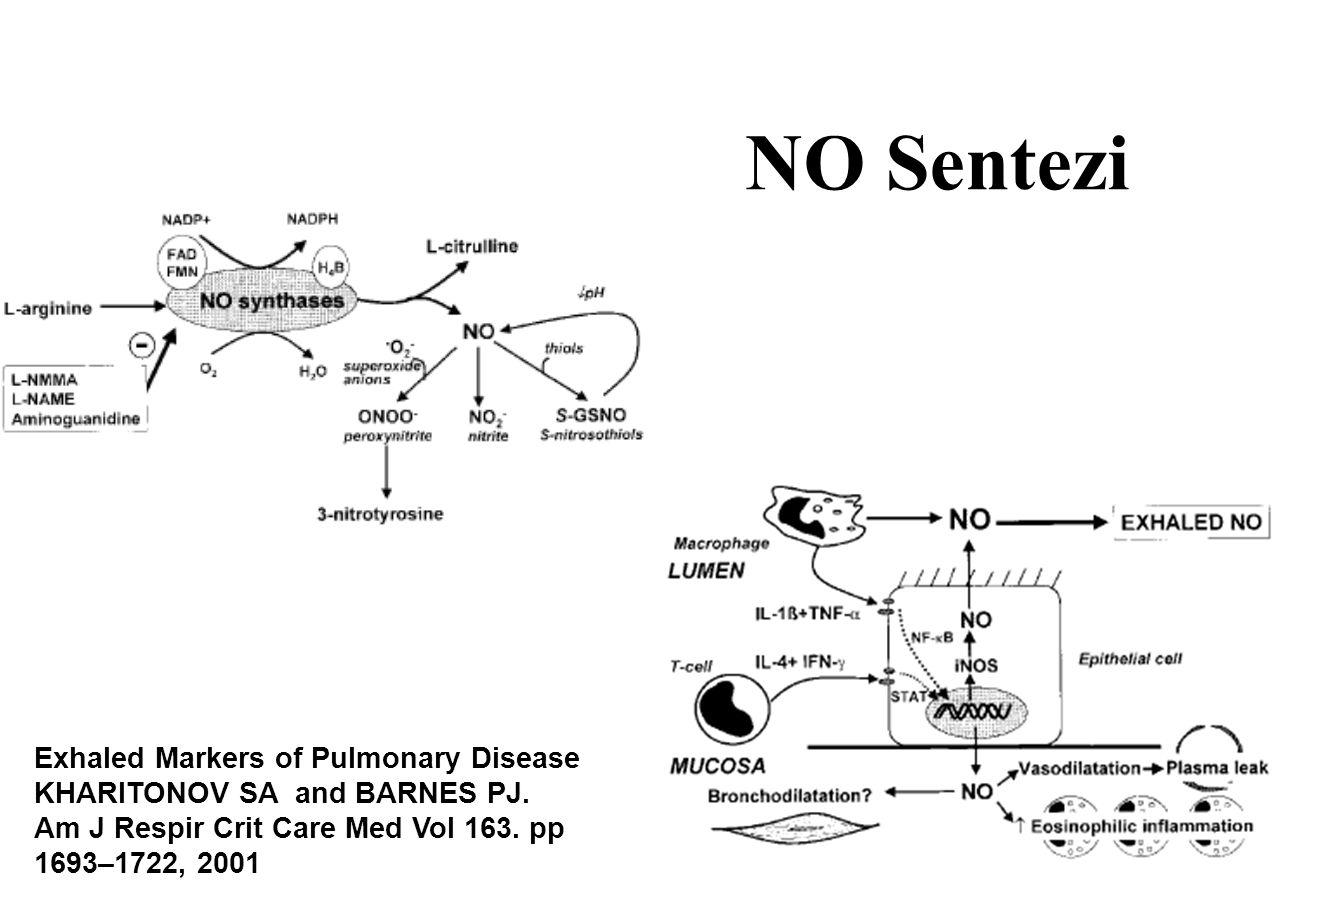 Sensitivite 1-Specifite 0.000.250.500.751.00 49 ppb 1.00 0.75 0.50 0.25 0.00 F E NO 58 F E NO 49 F E NO 24 F E NO 7 Sensitivite: 71% Specifite: 93% Flow rate = 50 mL/s F E NO ICS kesildikten sonraki relapsın göstergesi olabilir FENO > 49 ppb değeri steroid kesildikten 4 hafta sonra astım relapsı yüksek olasılıkla göstermekte Pijnenburg MW et al.